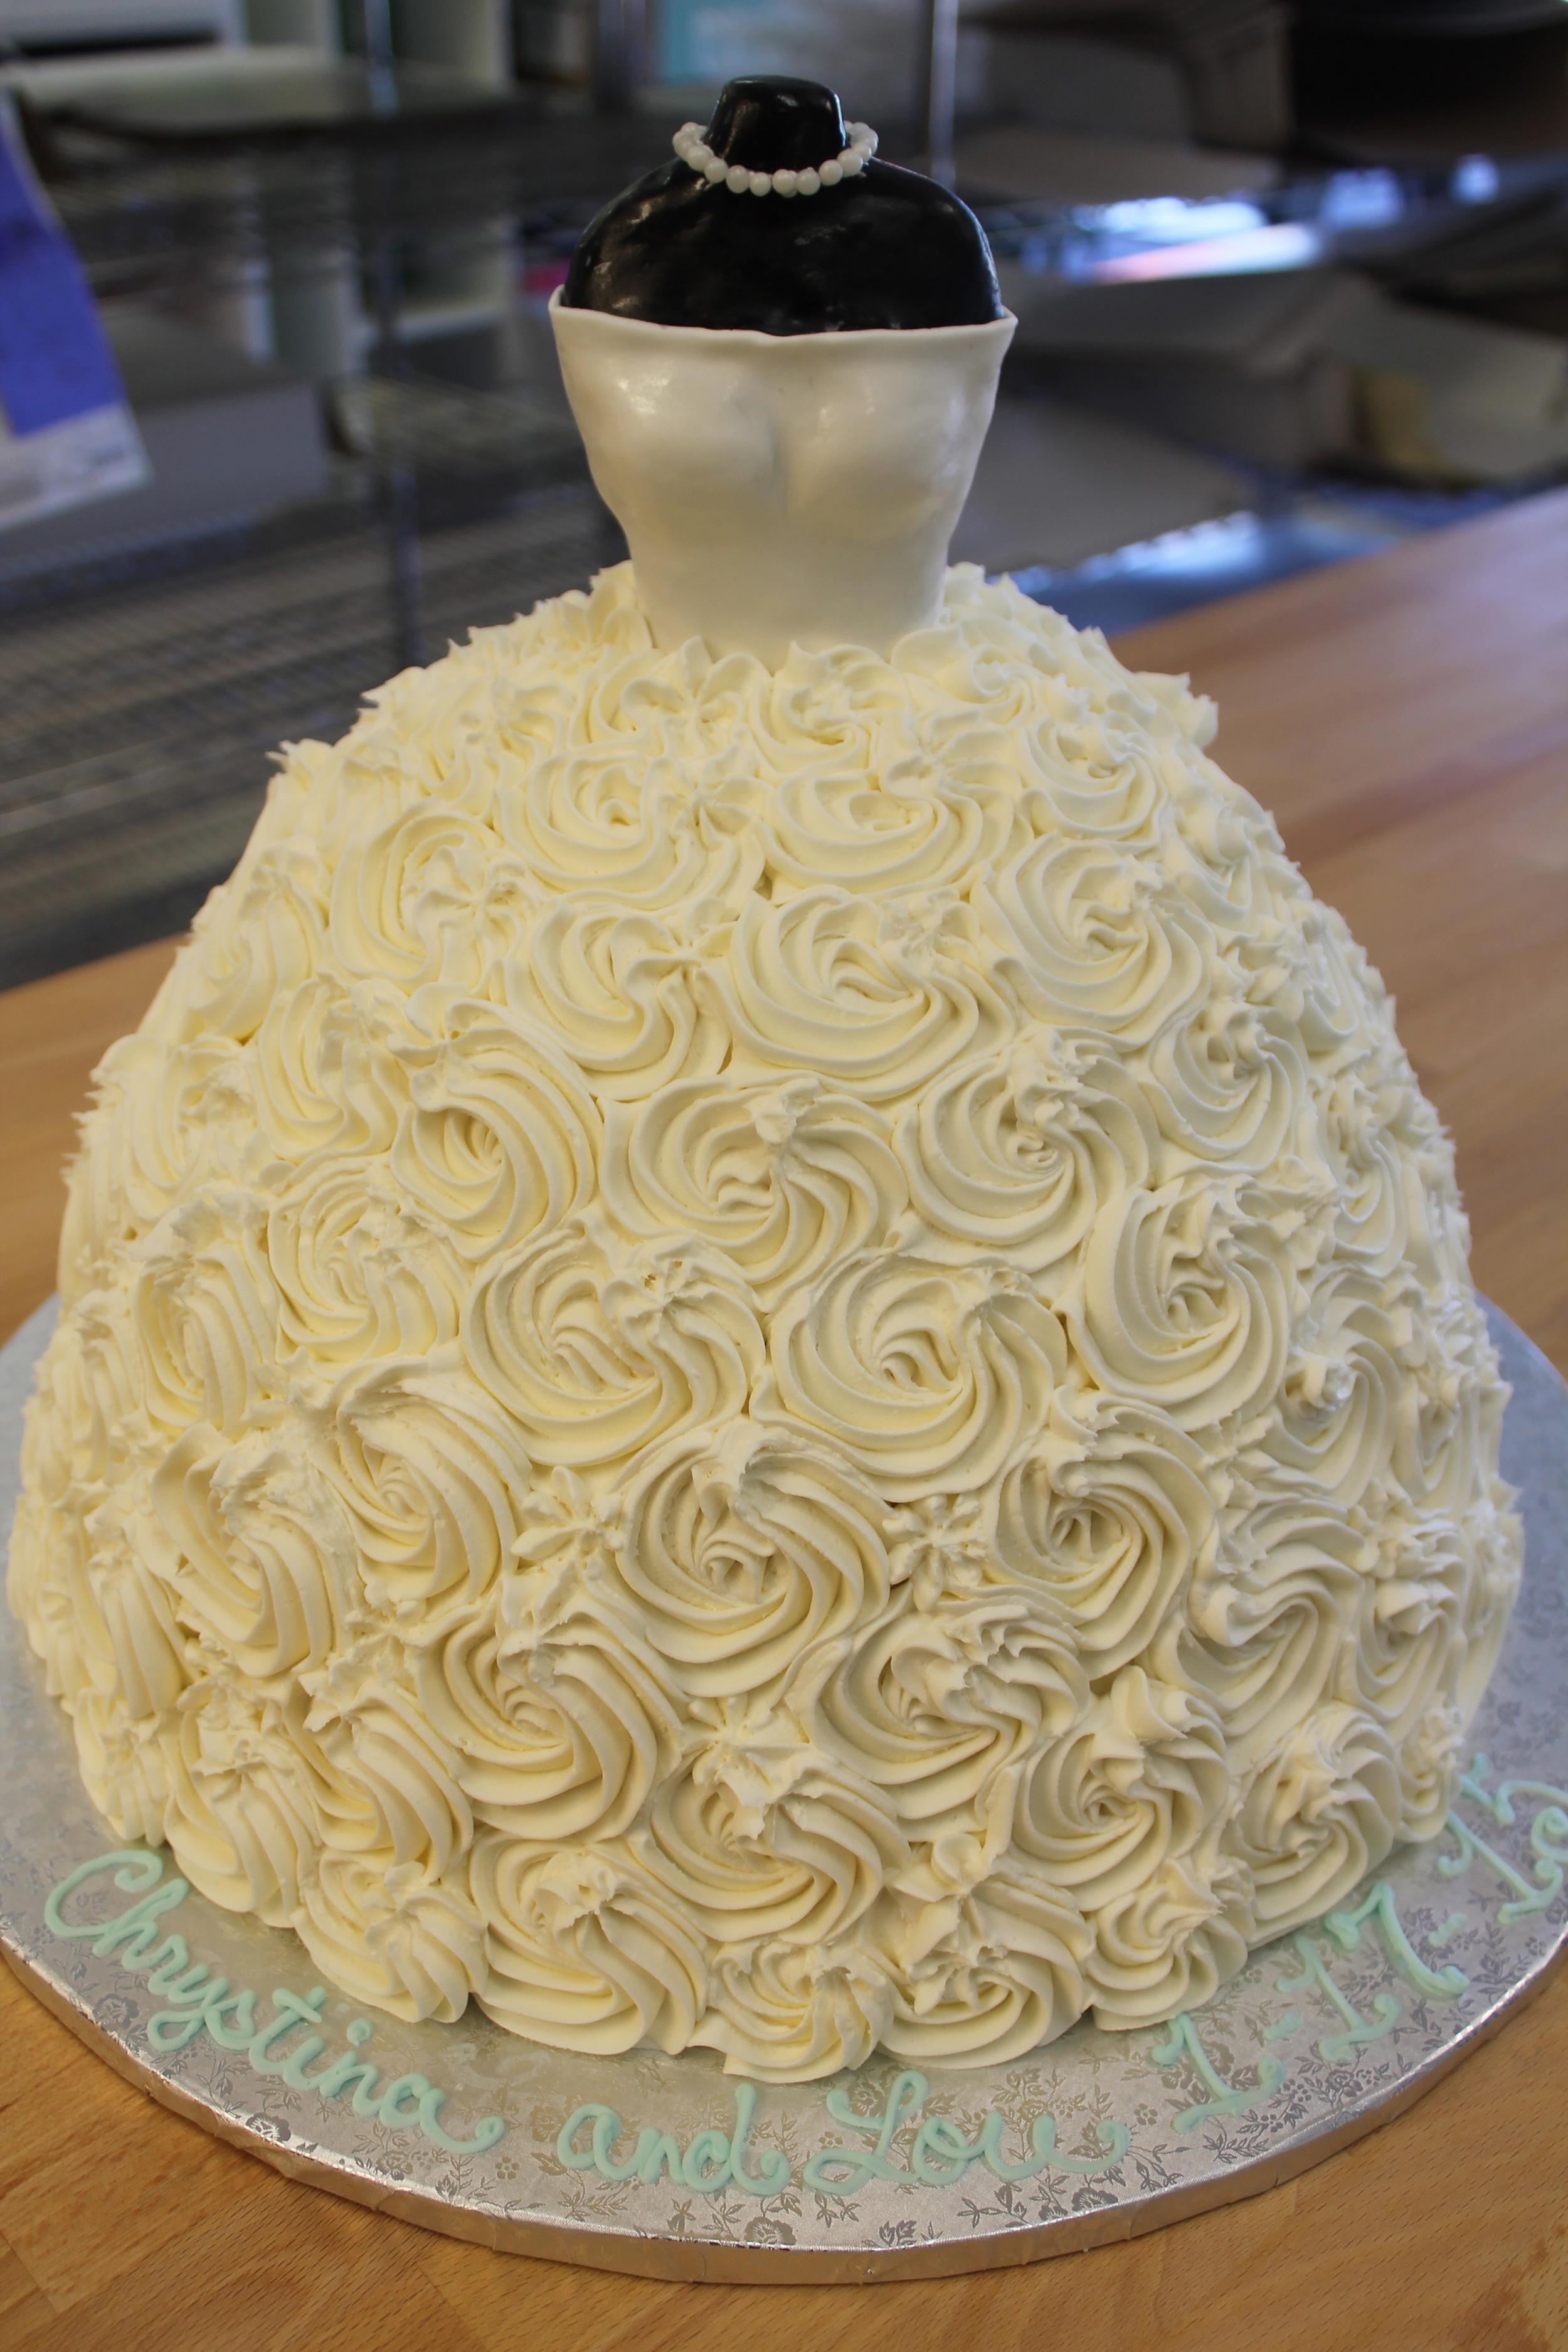 Rosette Wedding Dress Cake